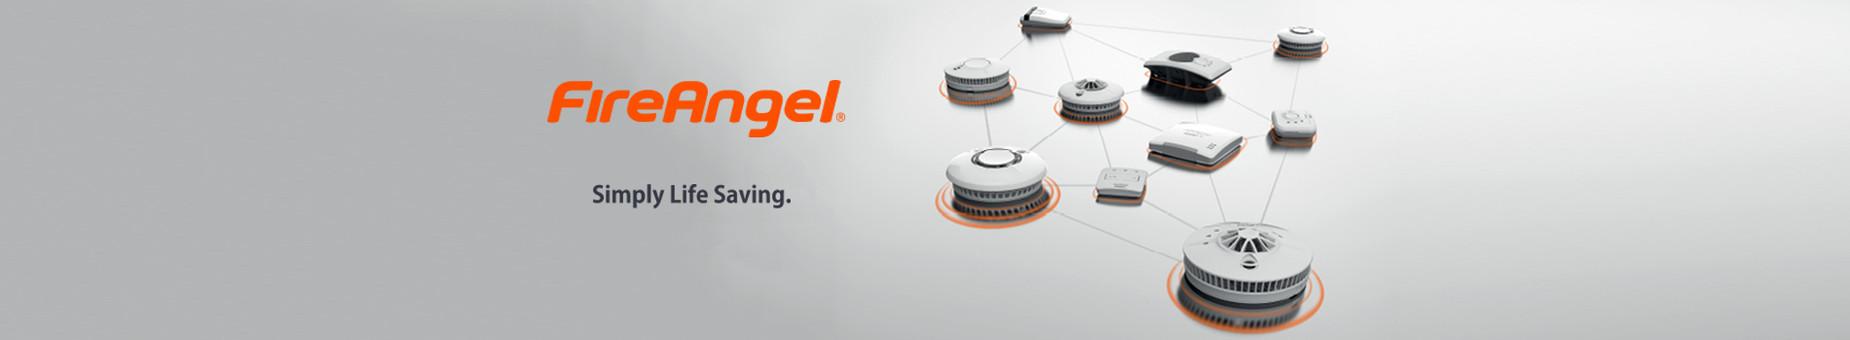 FireAngel Banner 2019.jpg